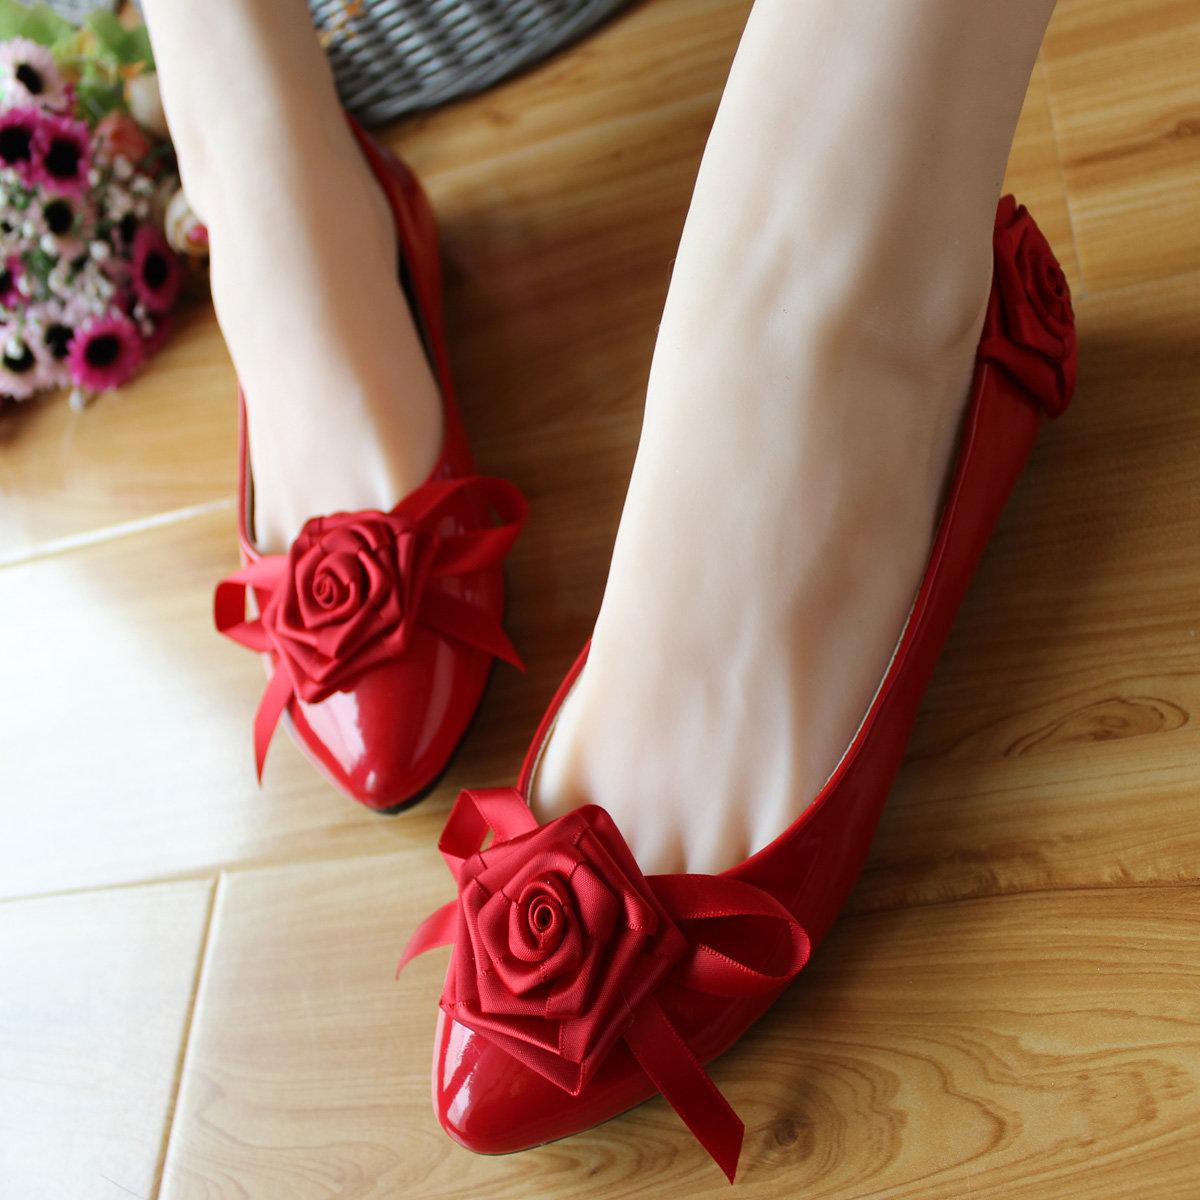 самые шикарные туфли без каблука фото